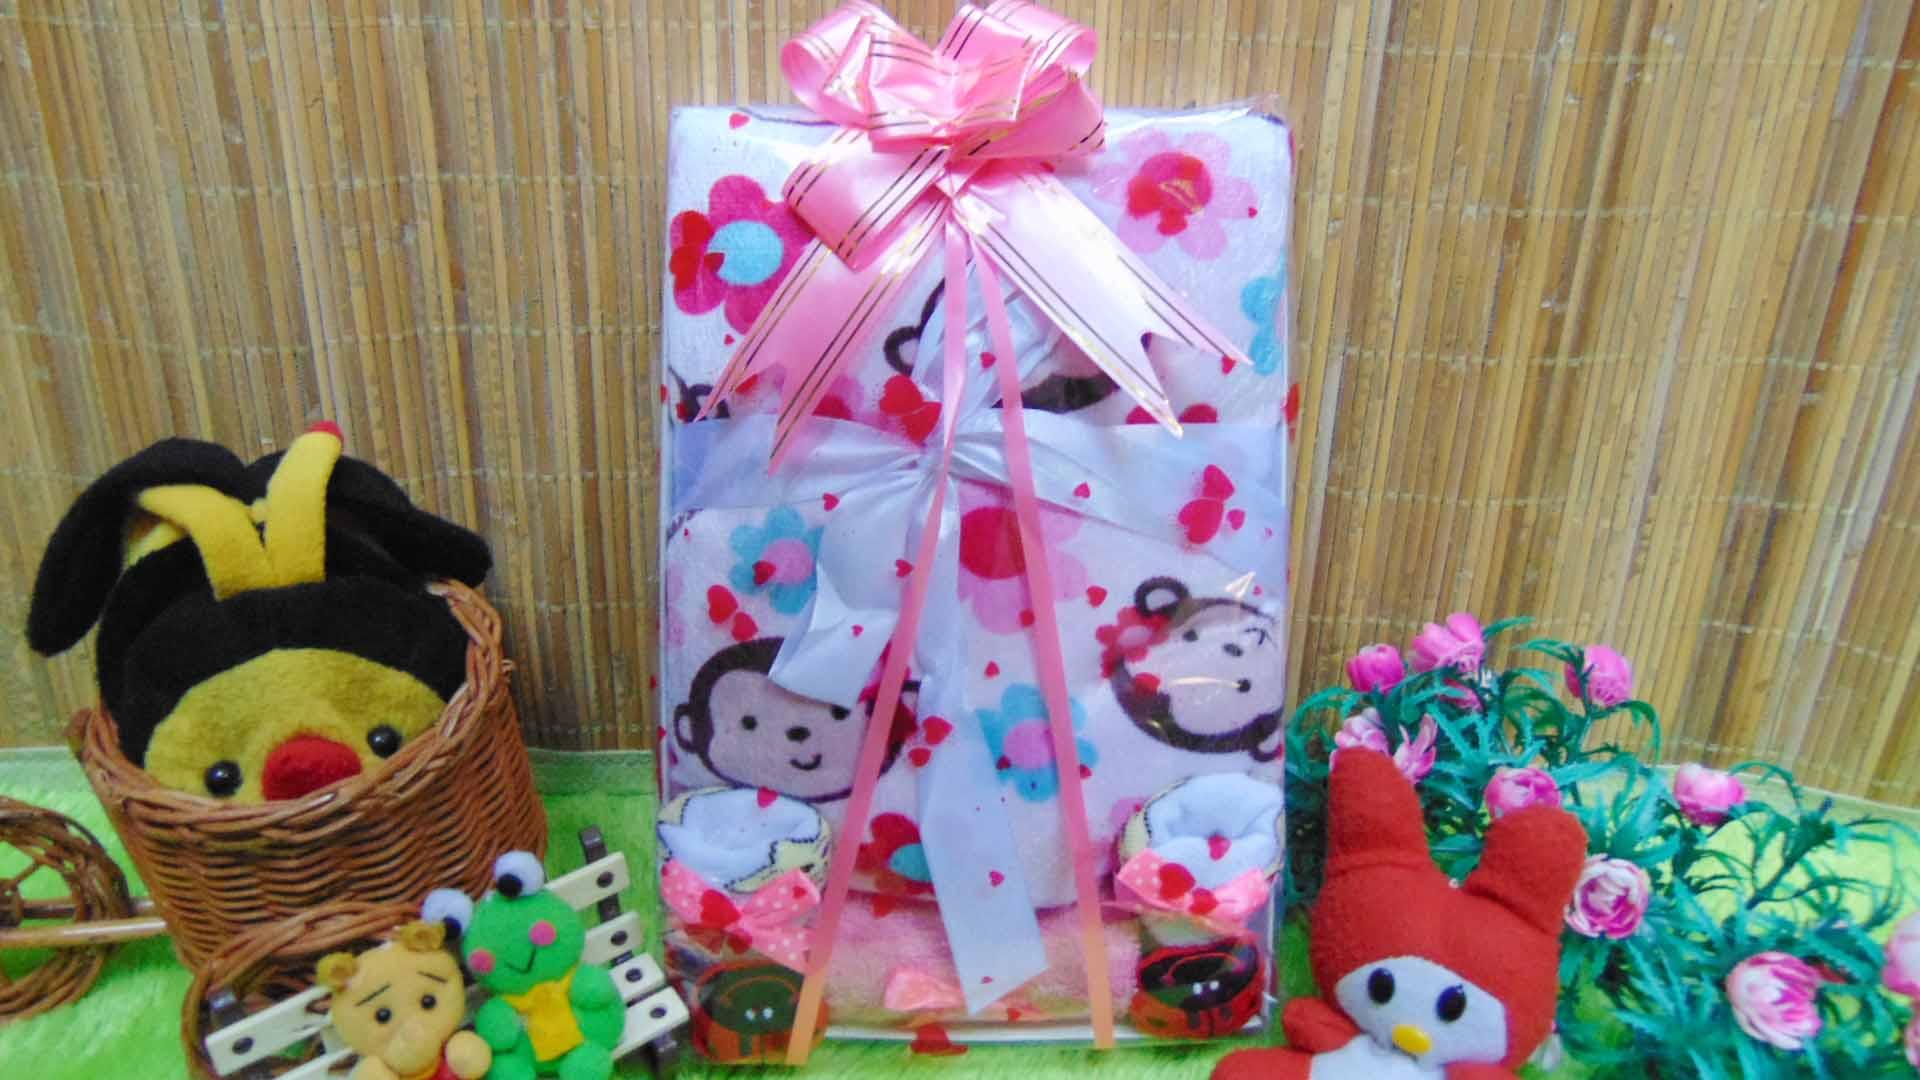 Kado Lahiran Paket Kado Bayi Baby Gift Box Selimut Carter Plus Baby Sock Pinky Monkey 75 terdiri dari selimut carter extra lembut,kaos kaki boneka baby,FREE KARTU UCAPAN